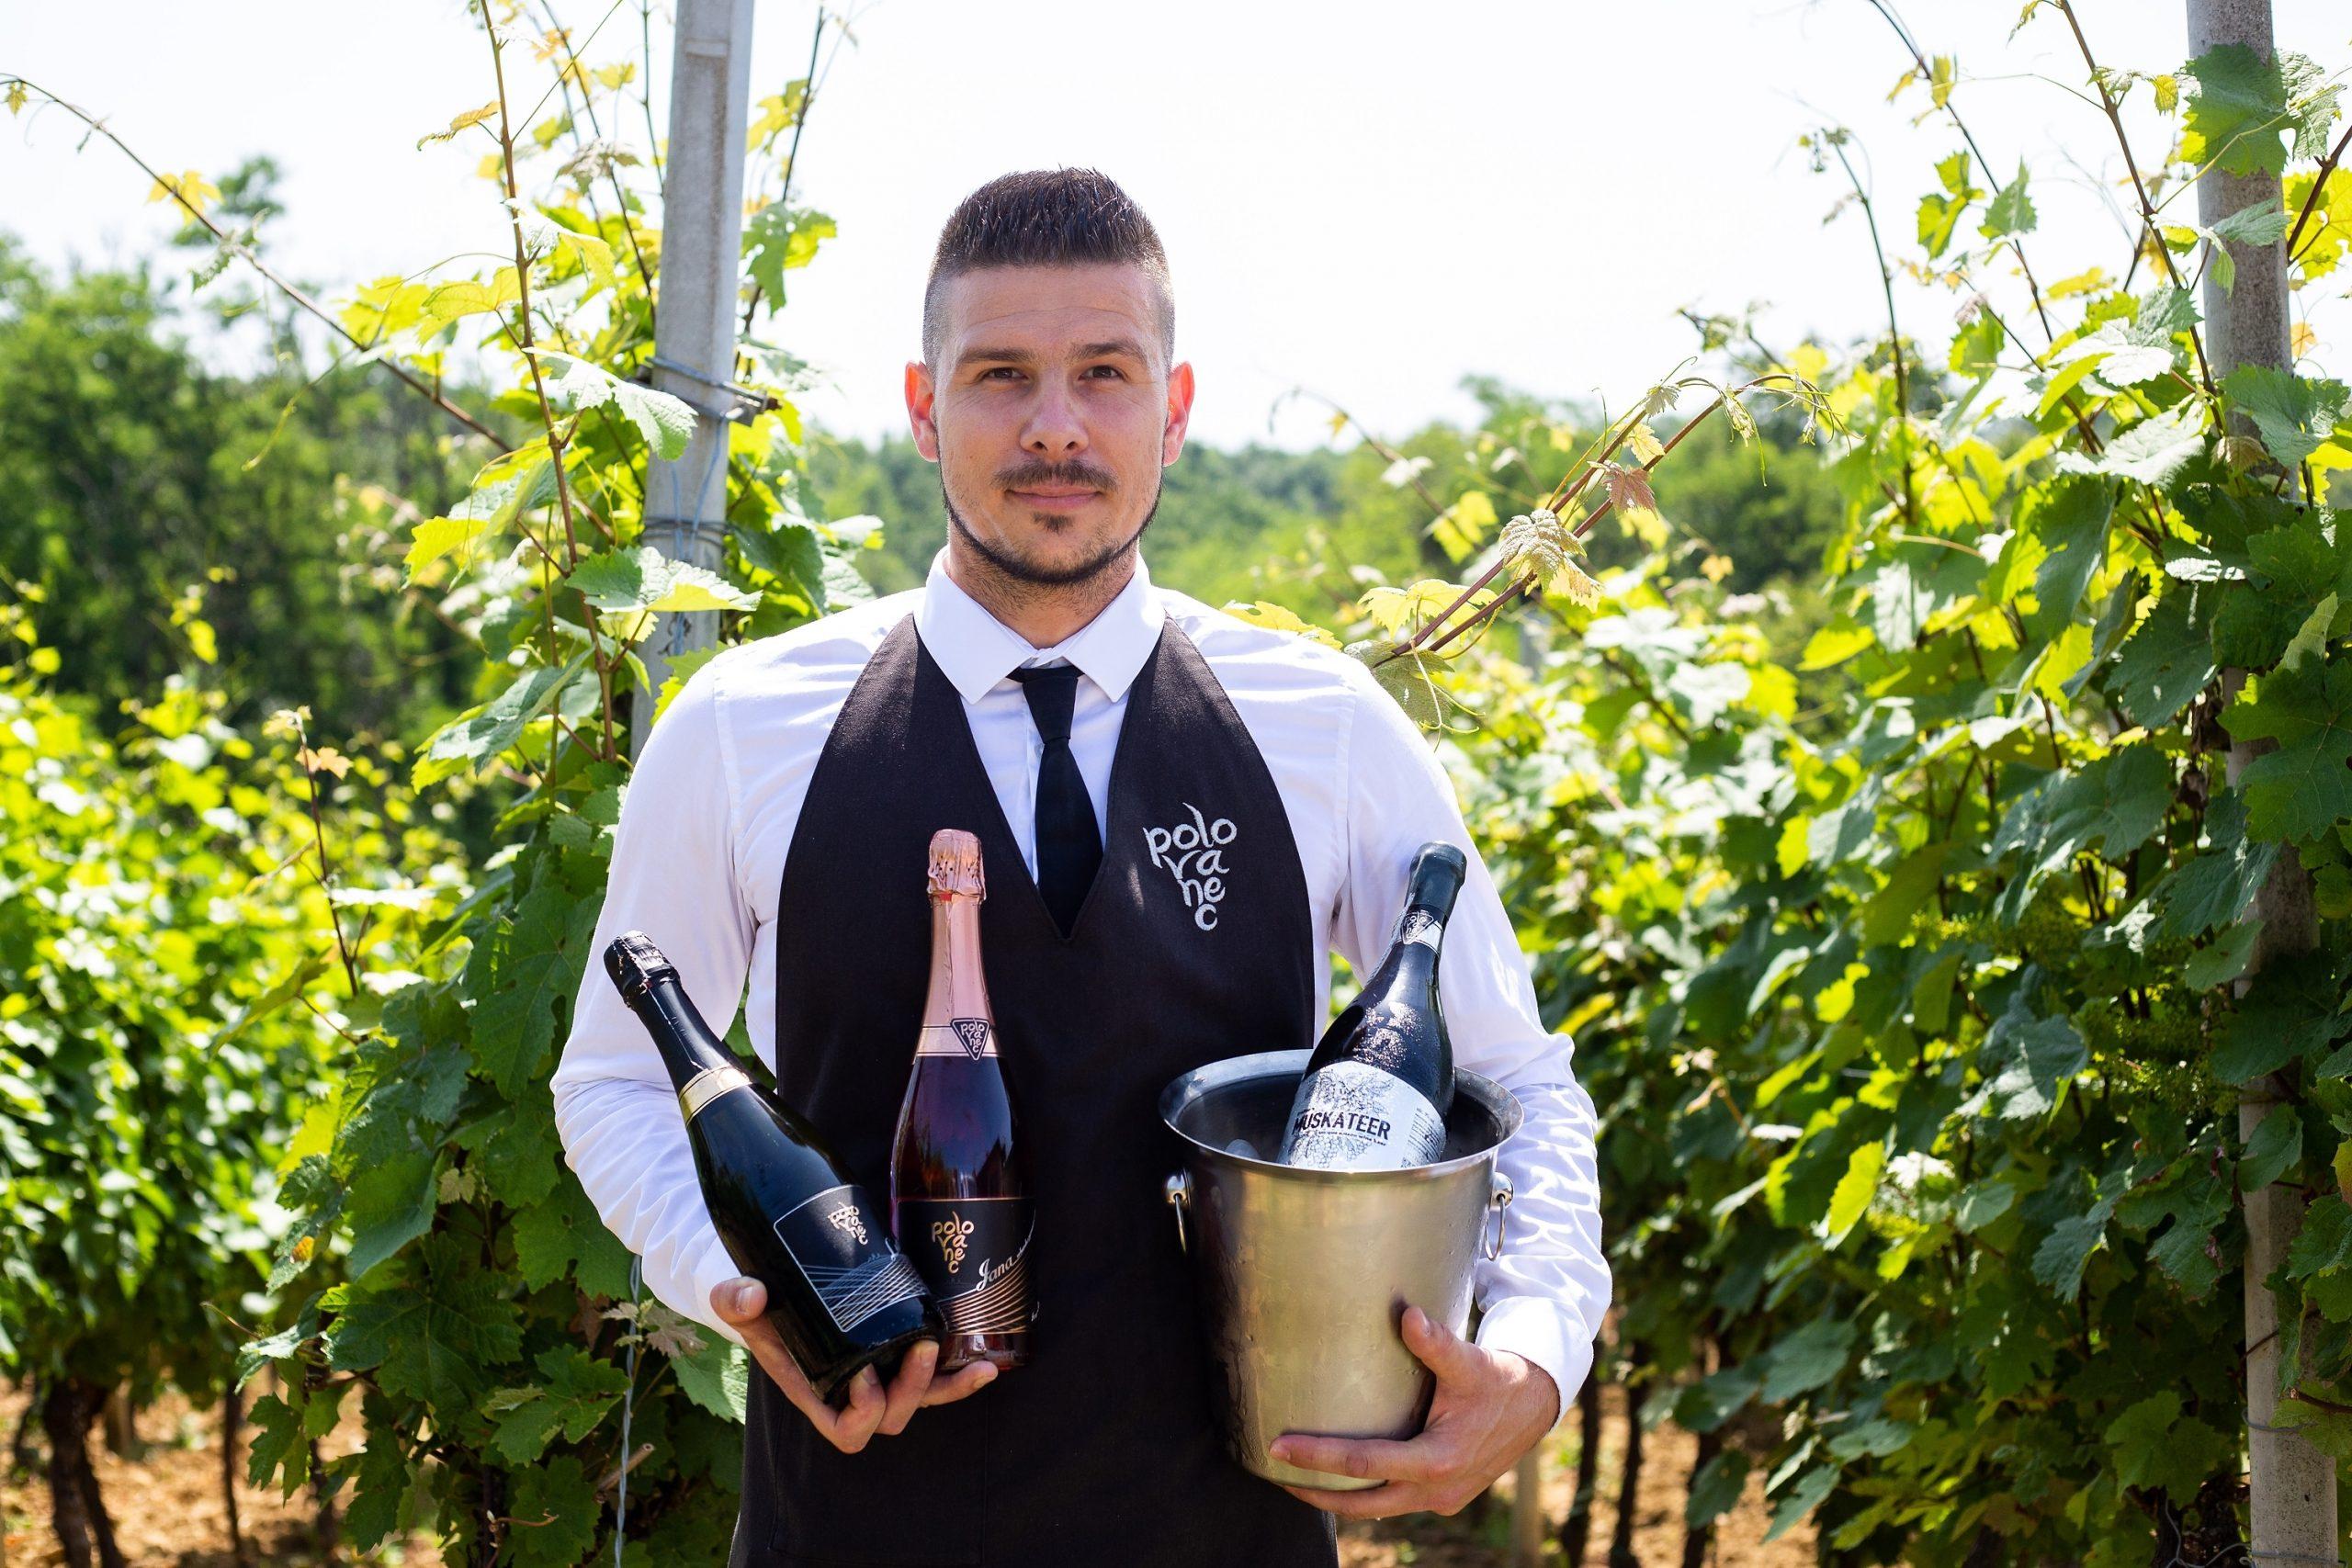 Predstavljeni su i drugi proizvodi vinarije Polovanec